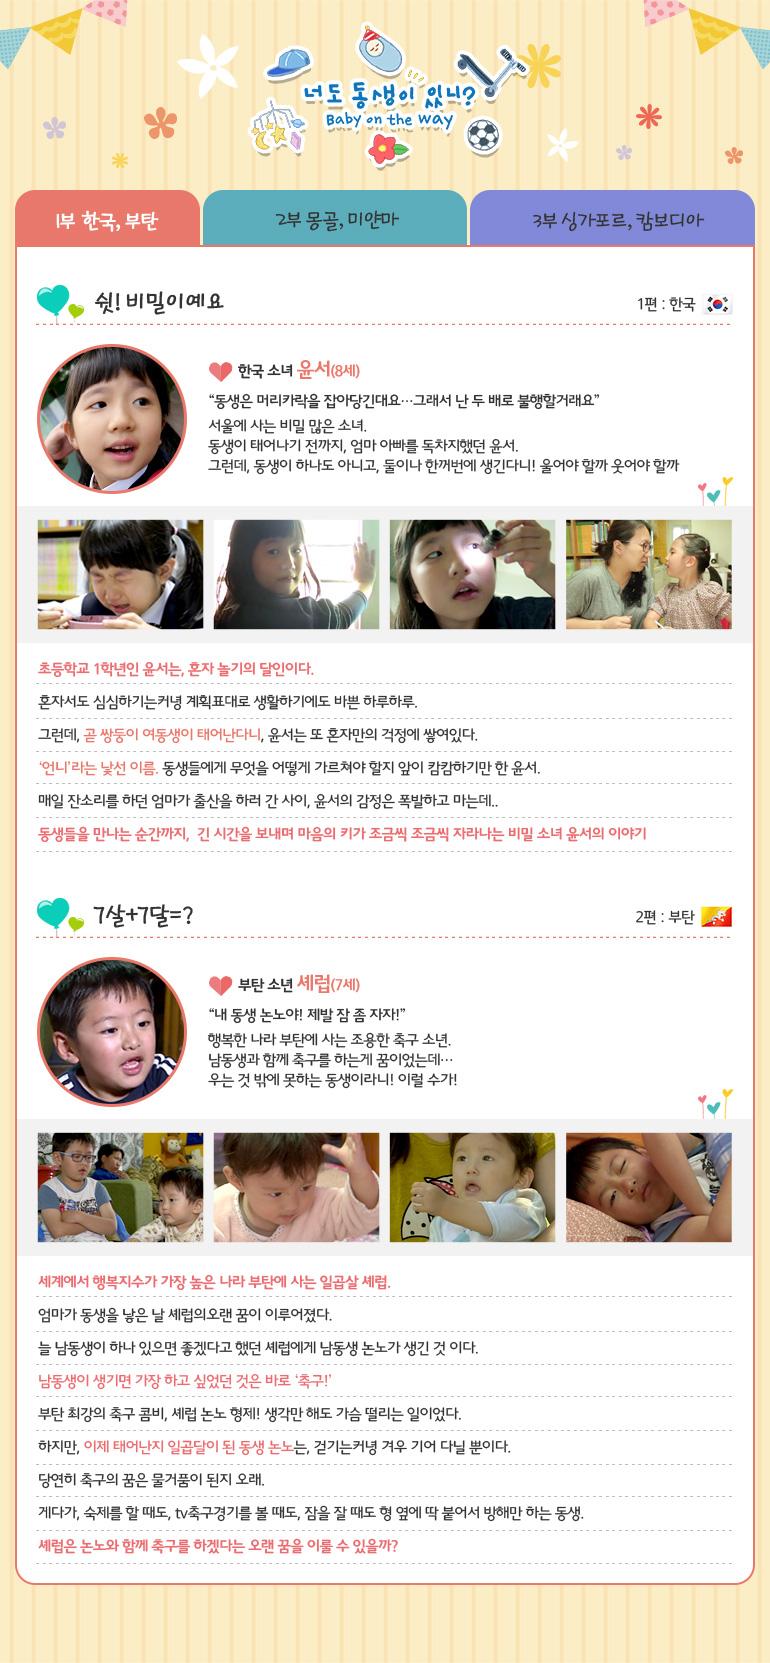 1편 한국 : 쉿! 비밀이예요 / 2편 부탄 : 7살+7달=?